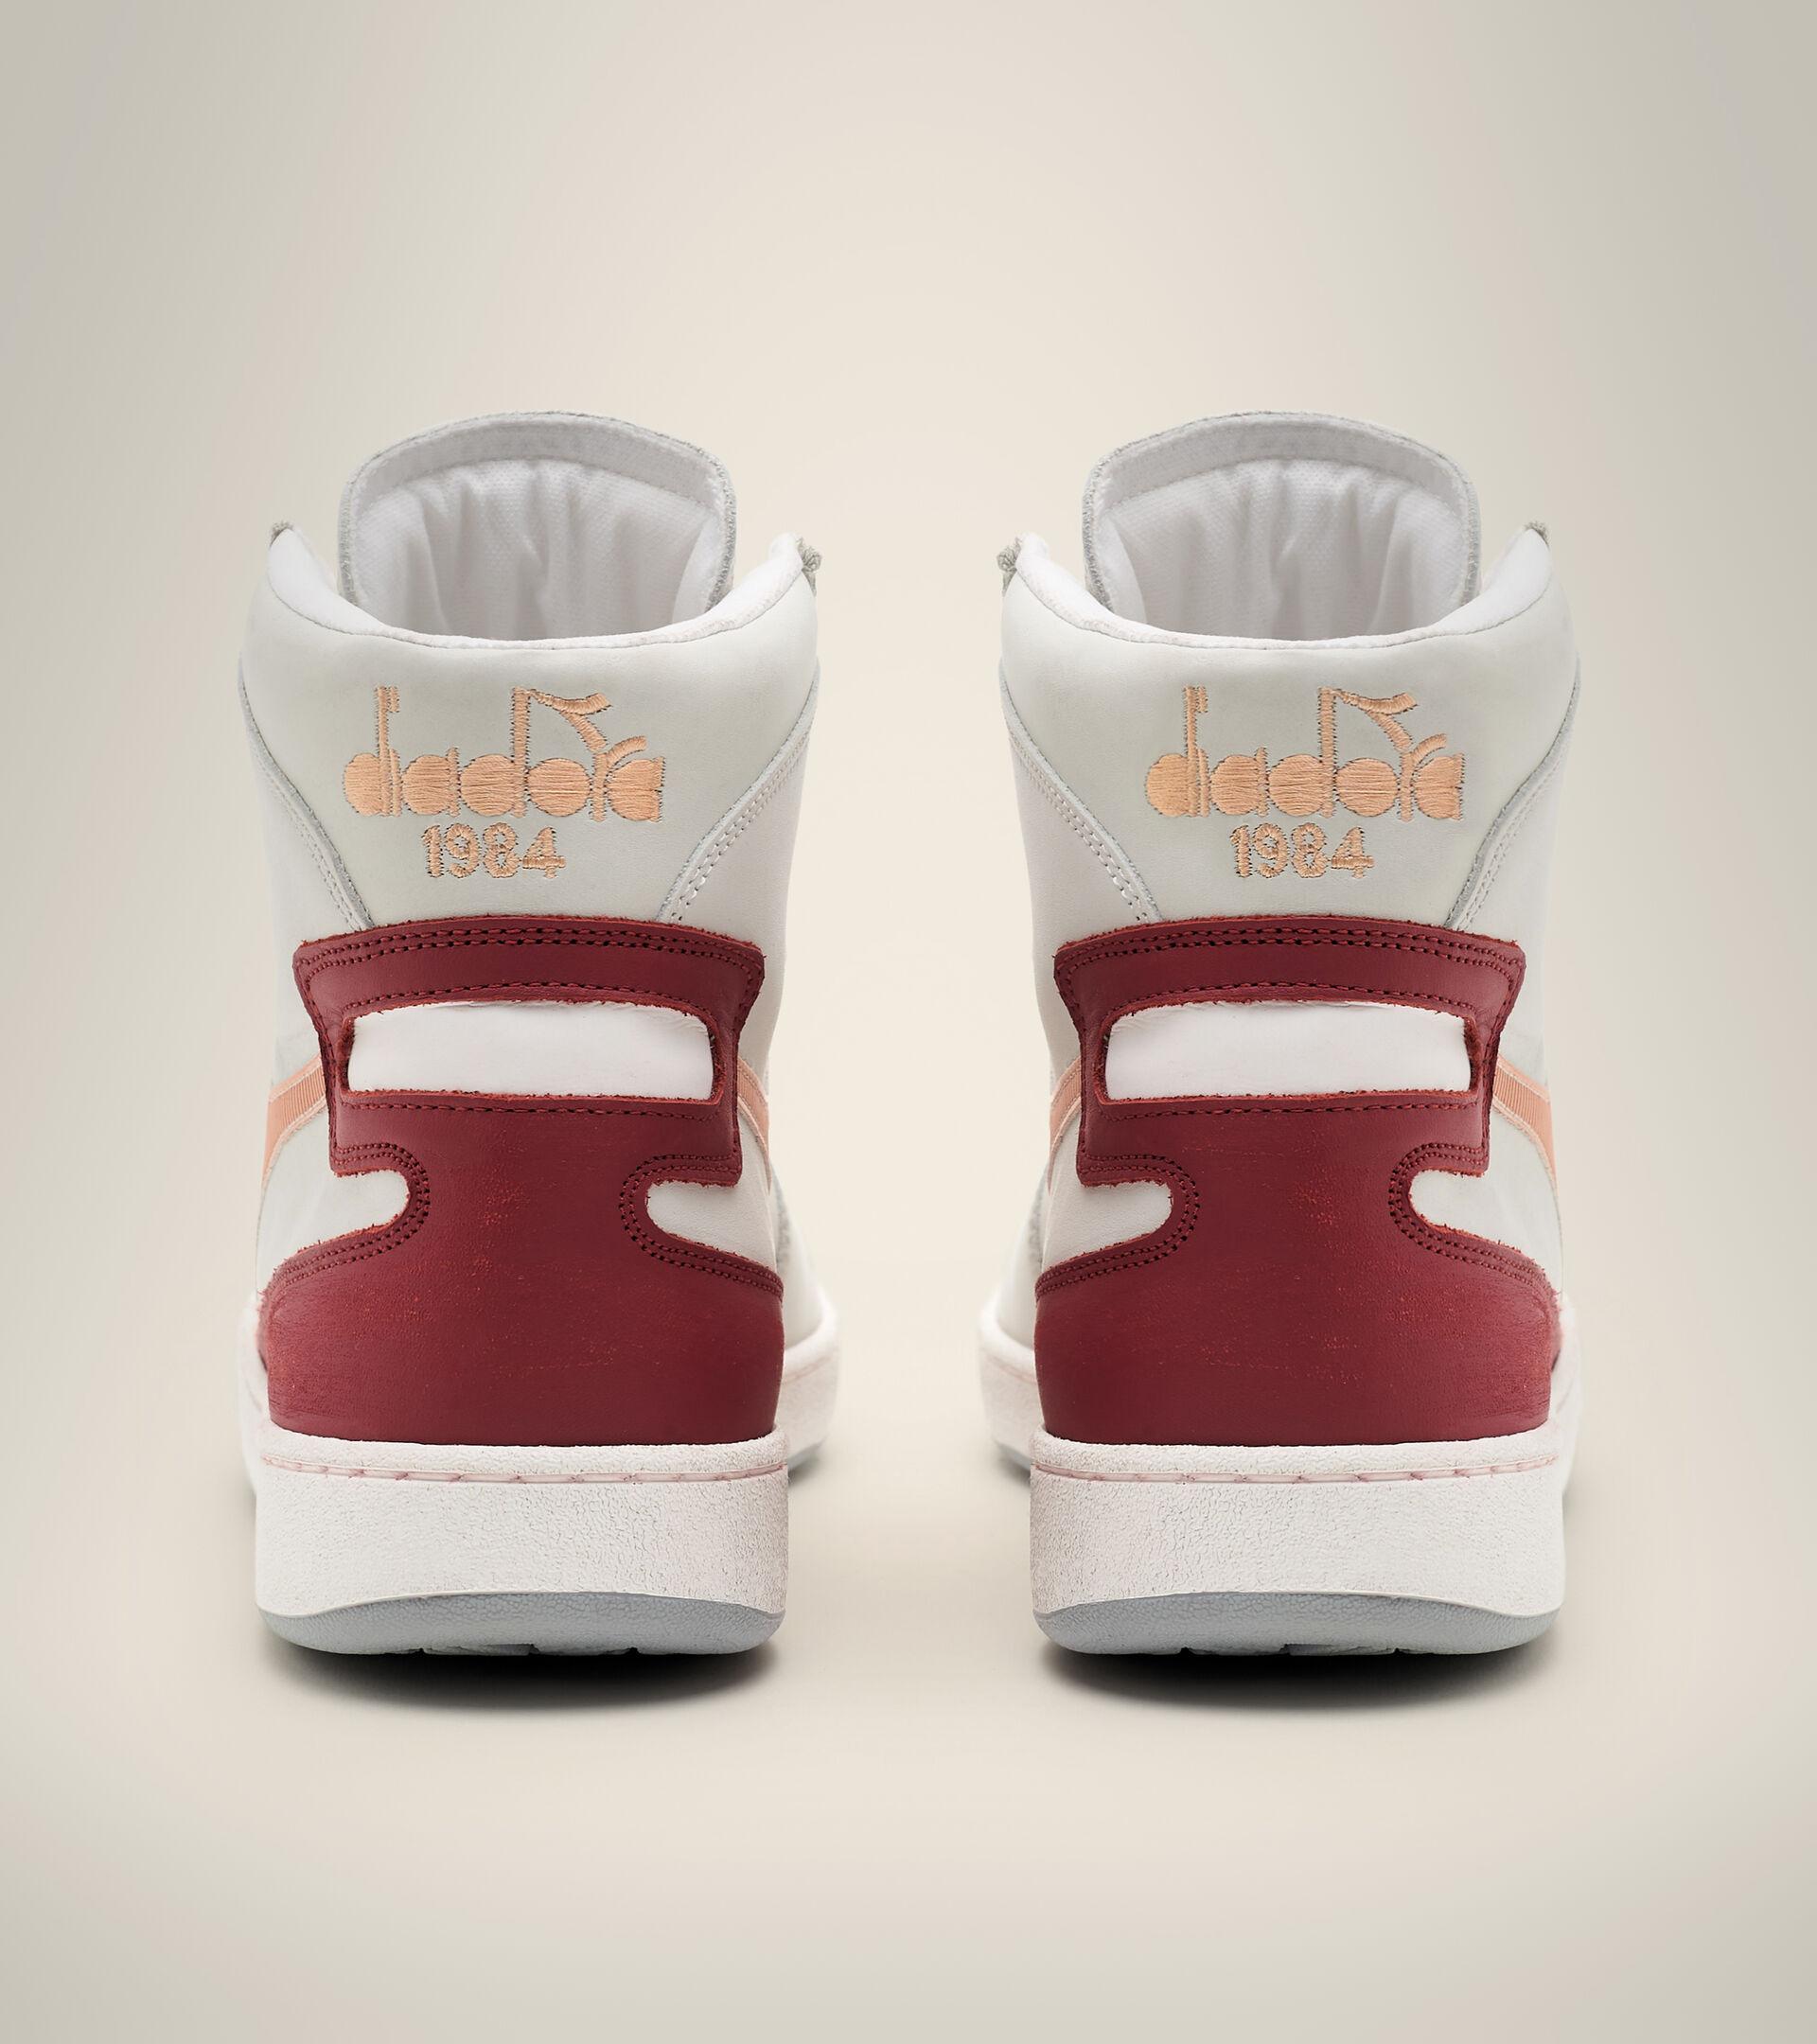 Heritage-Sneaker - Unisex  MI BASKET USED WEISS/PFIRSICH NOUGAT - Diadora